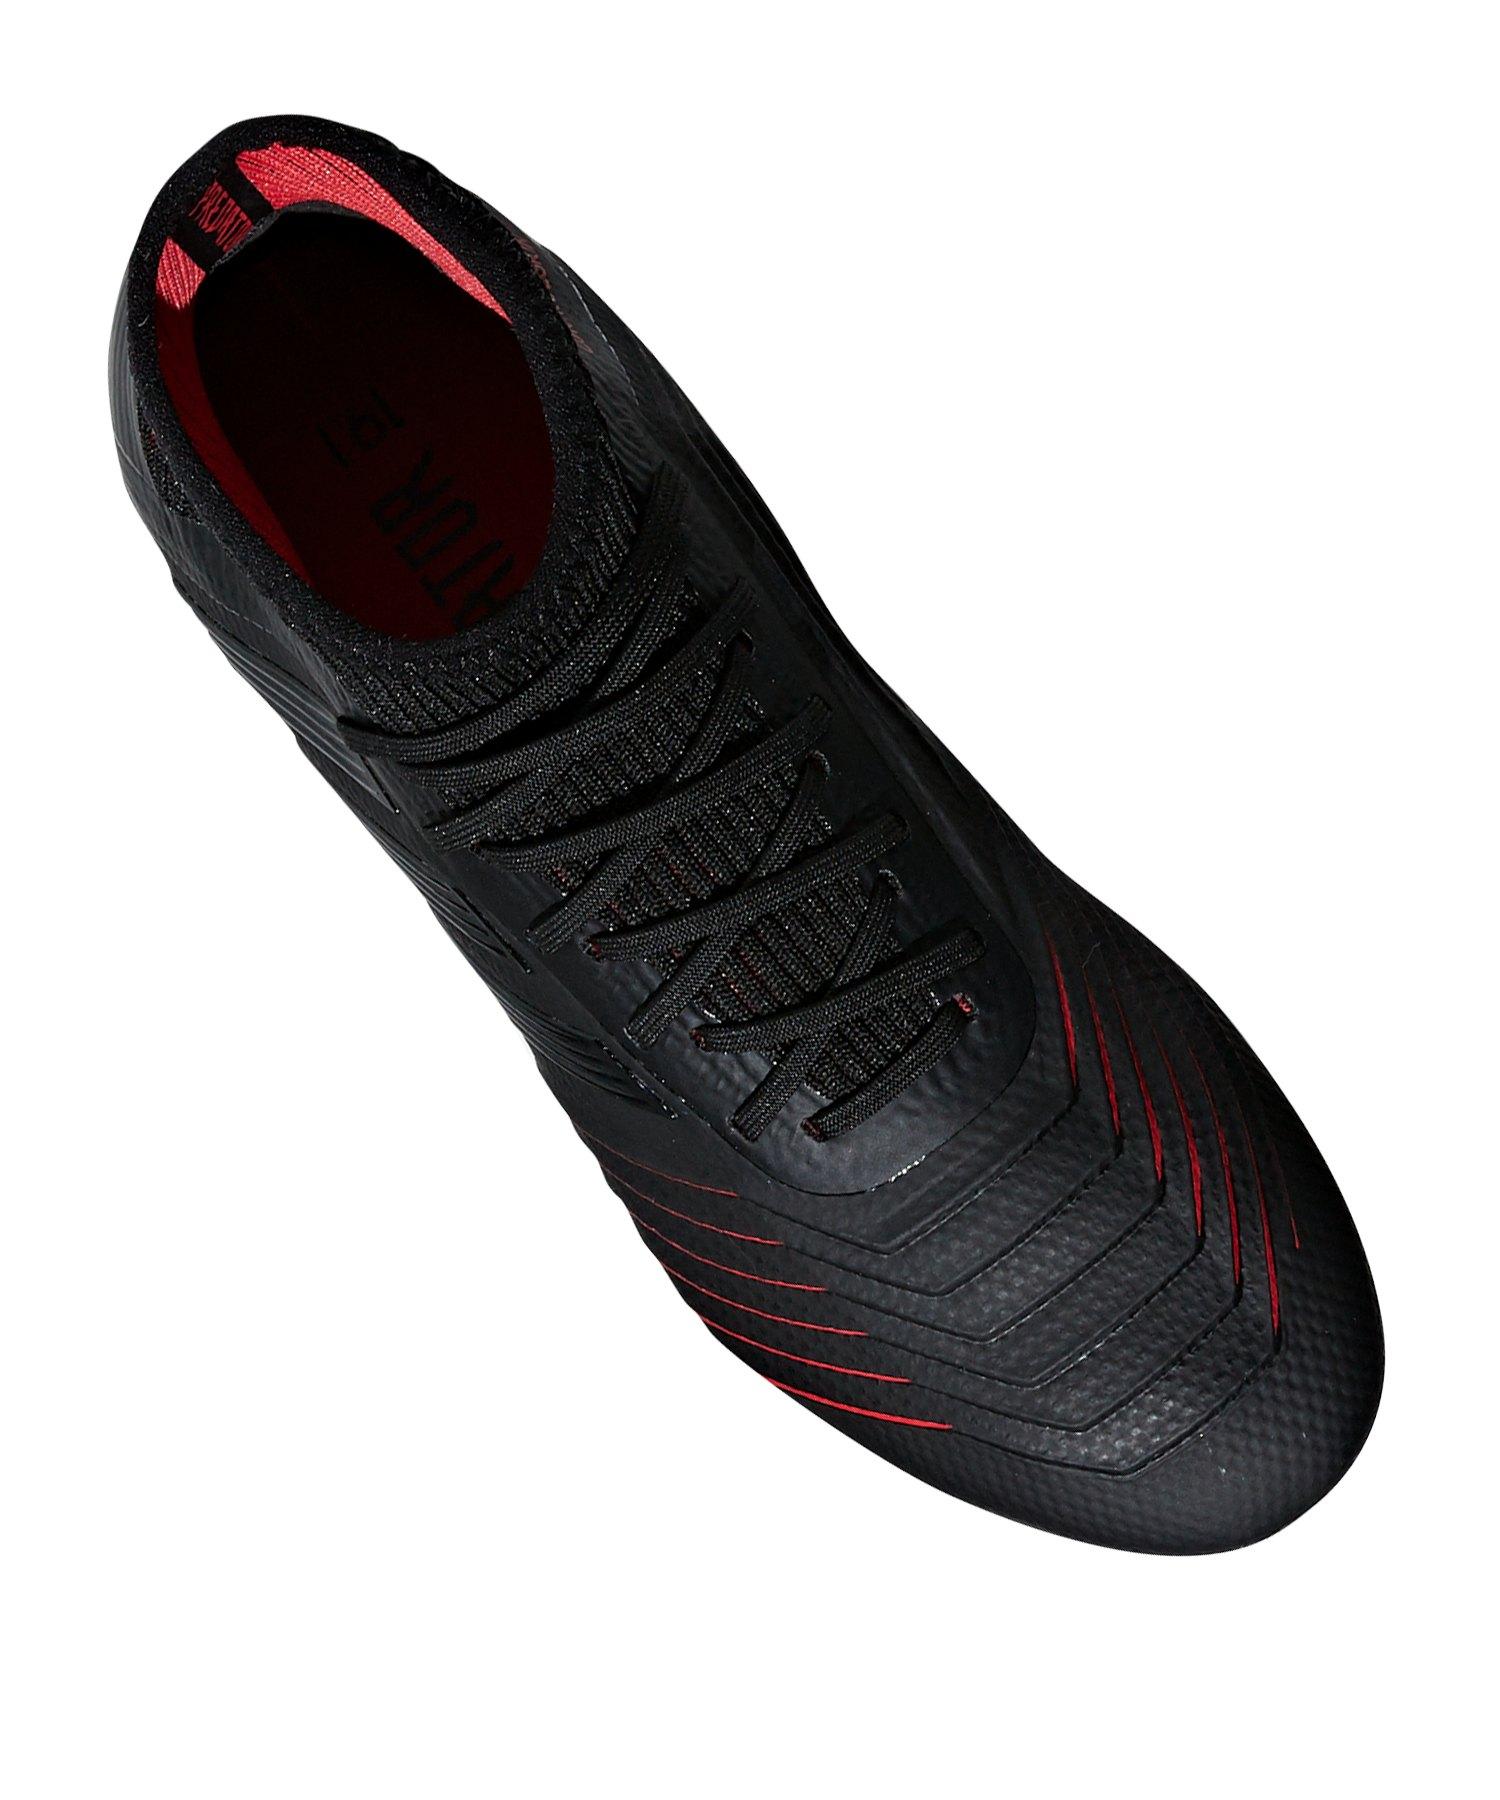 uk availability 99f66 dc4e8 ... adidas Predator 19.1 FG J Kids Schwarz - schwarz ...